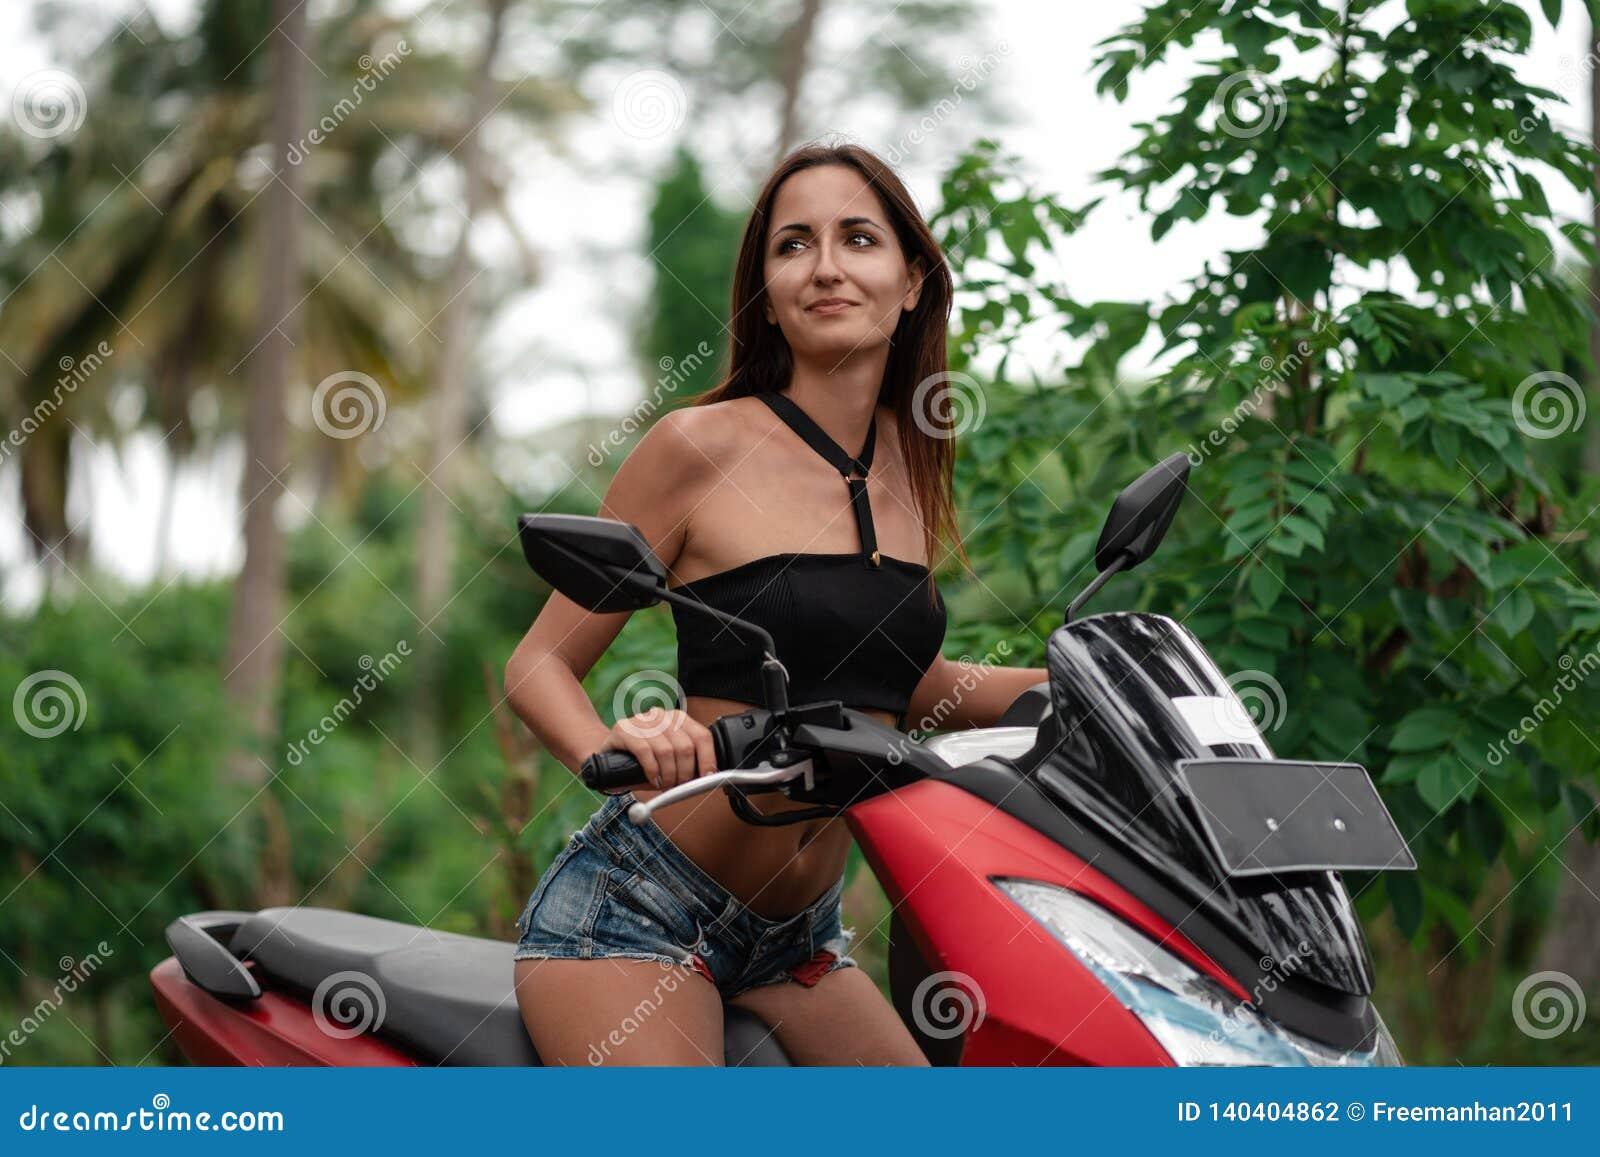 Caucasian nationalitet för brunbränd flicka som kör en röd otorcycle resa på en sparkcykel